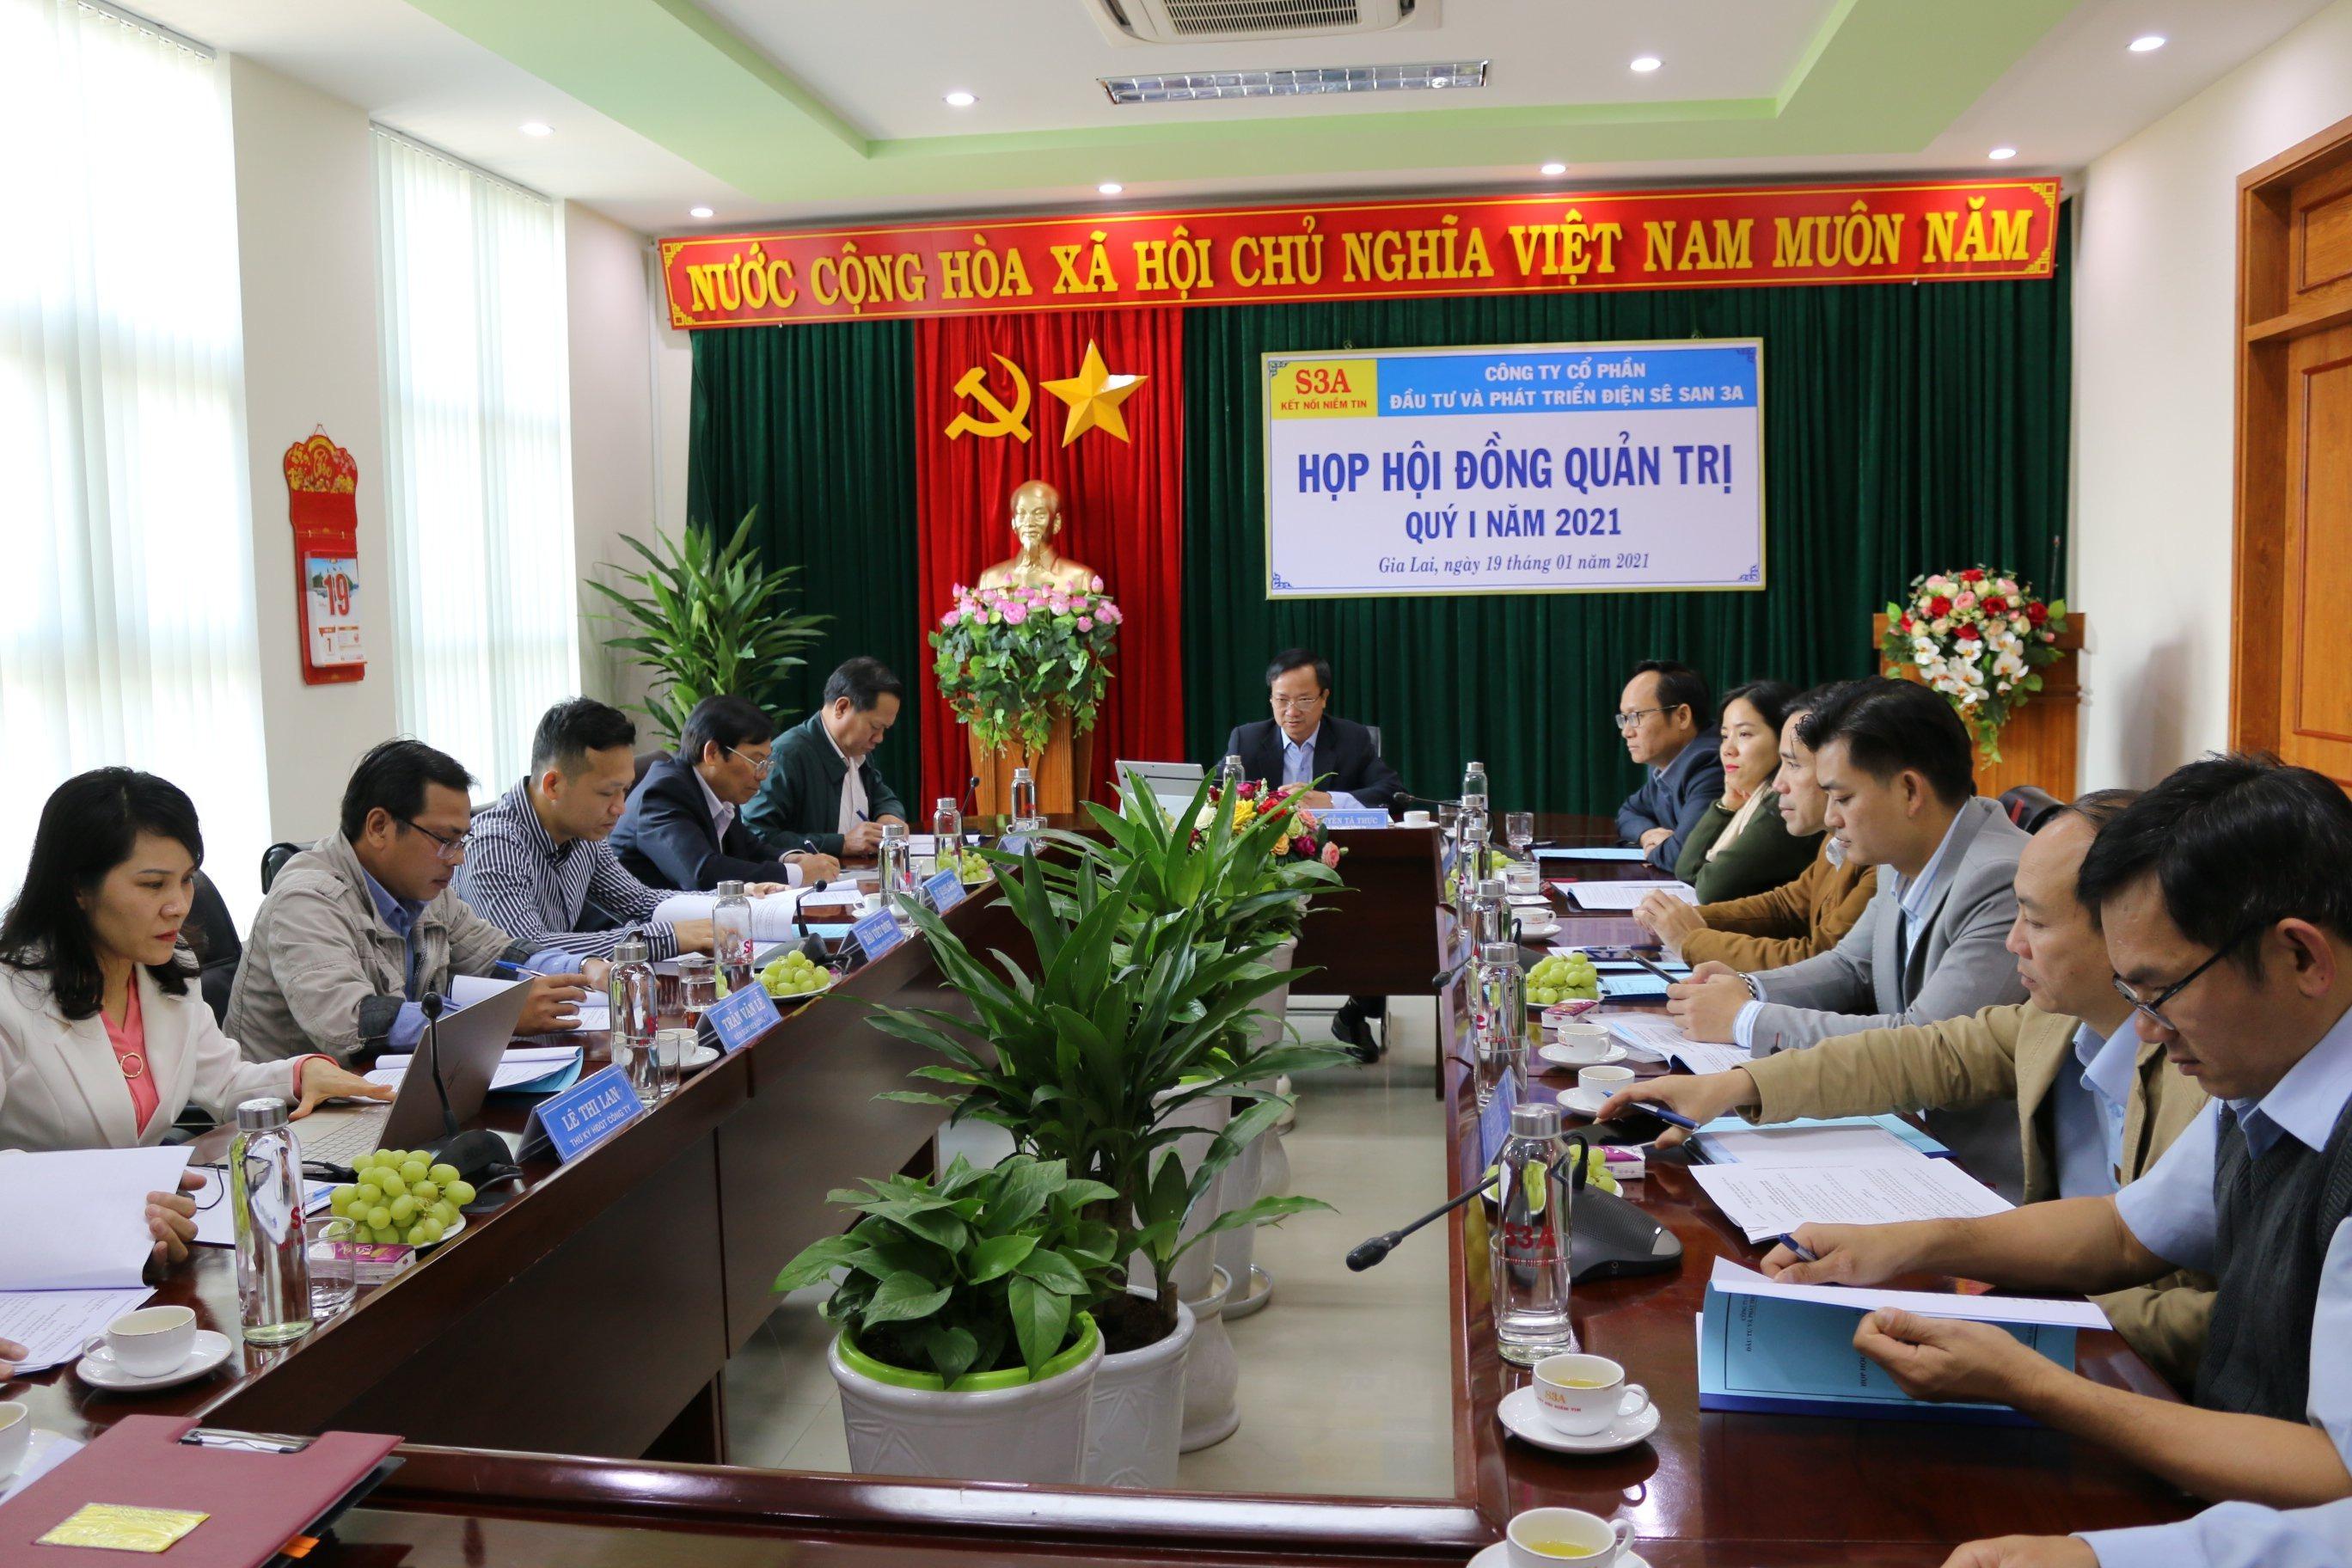 Sê San 3A họp Hội đồng quản trị quý I/2021